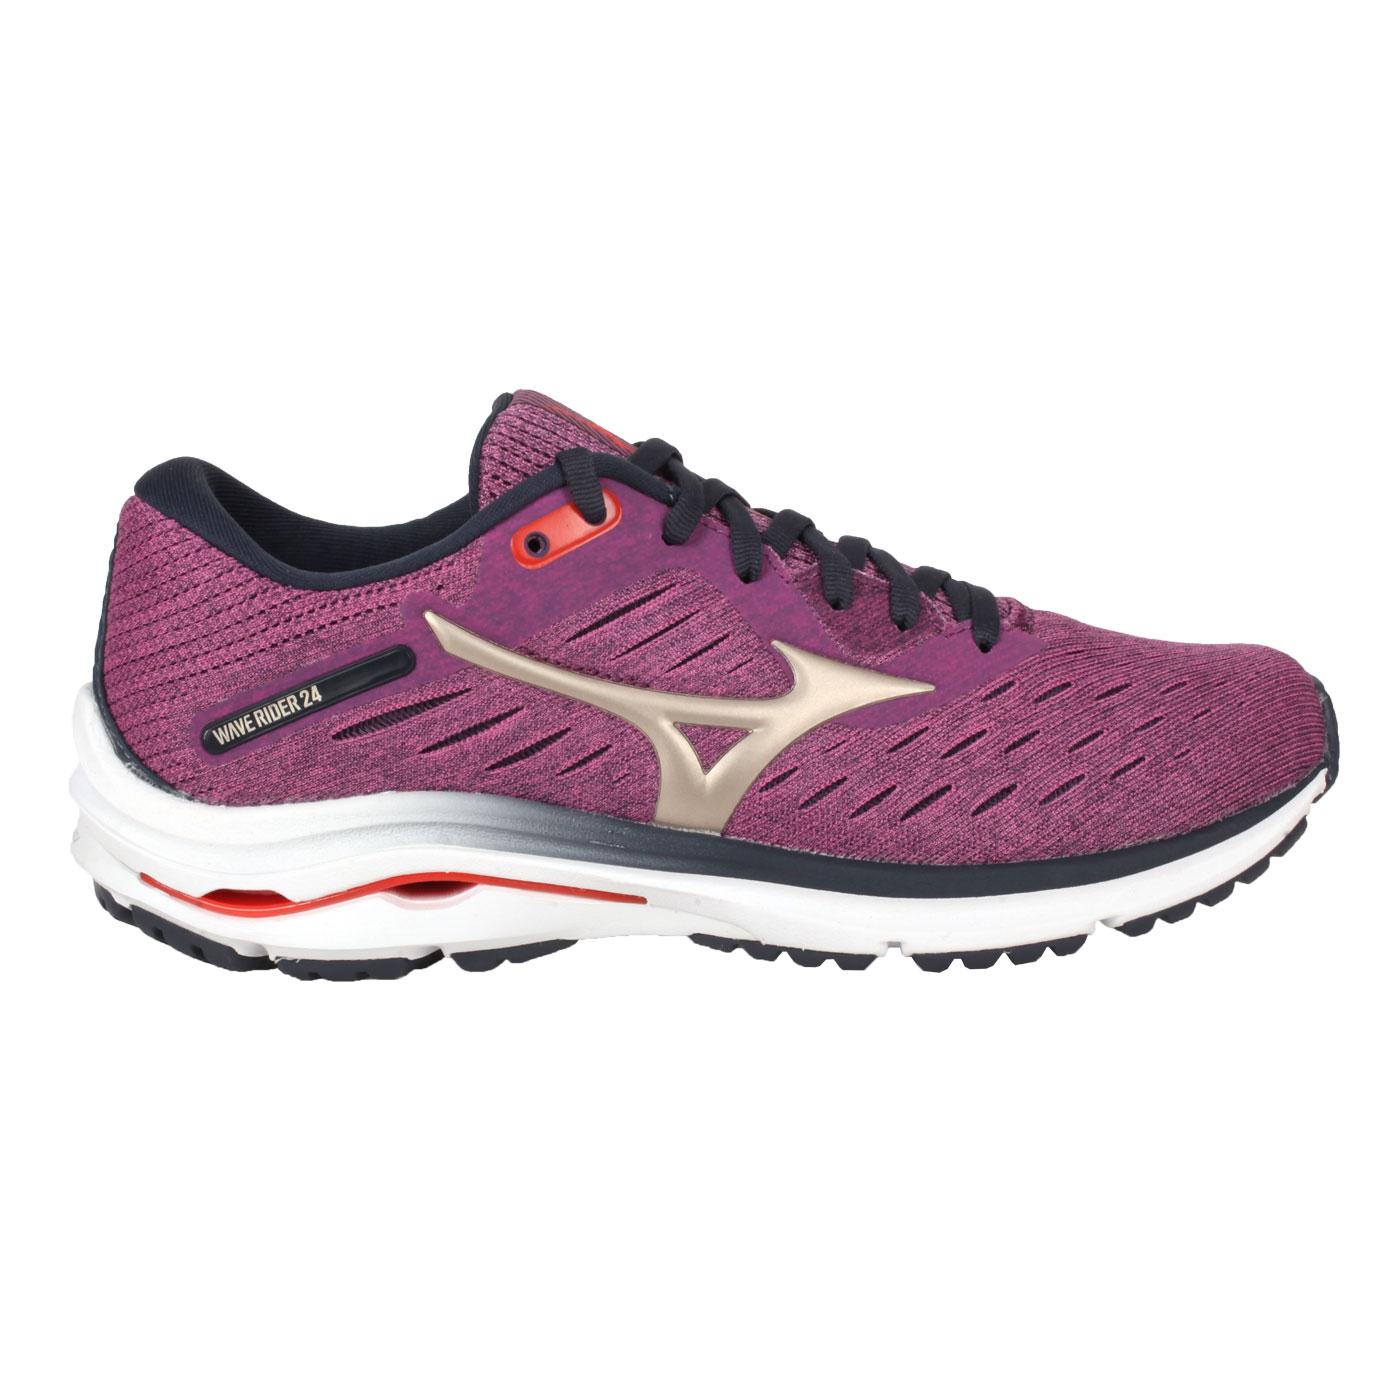 MIZUNO 女款慢跑鞋-WIDE  @WAVE RIDER 24 WIDE@J1GD200642 - 紫金